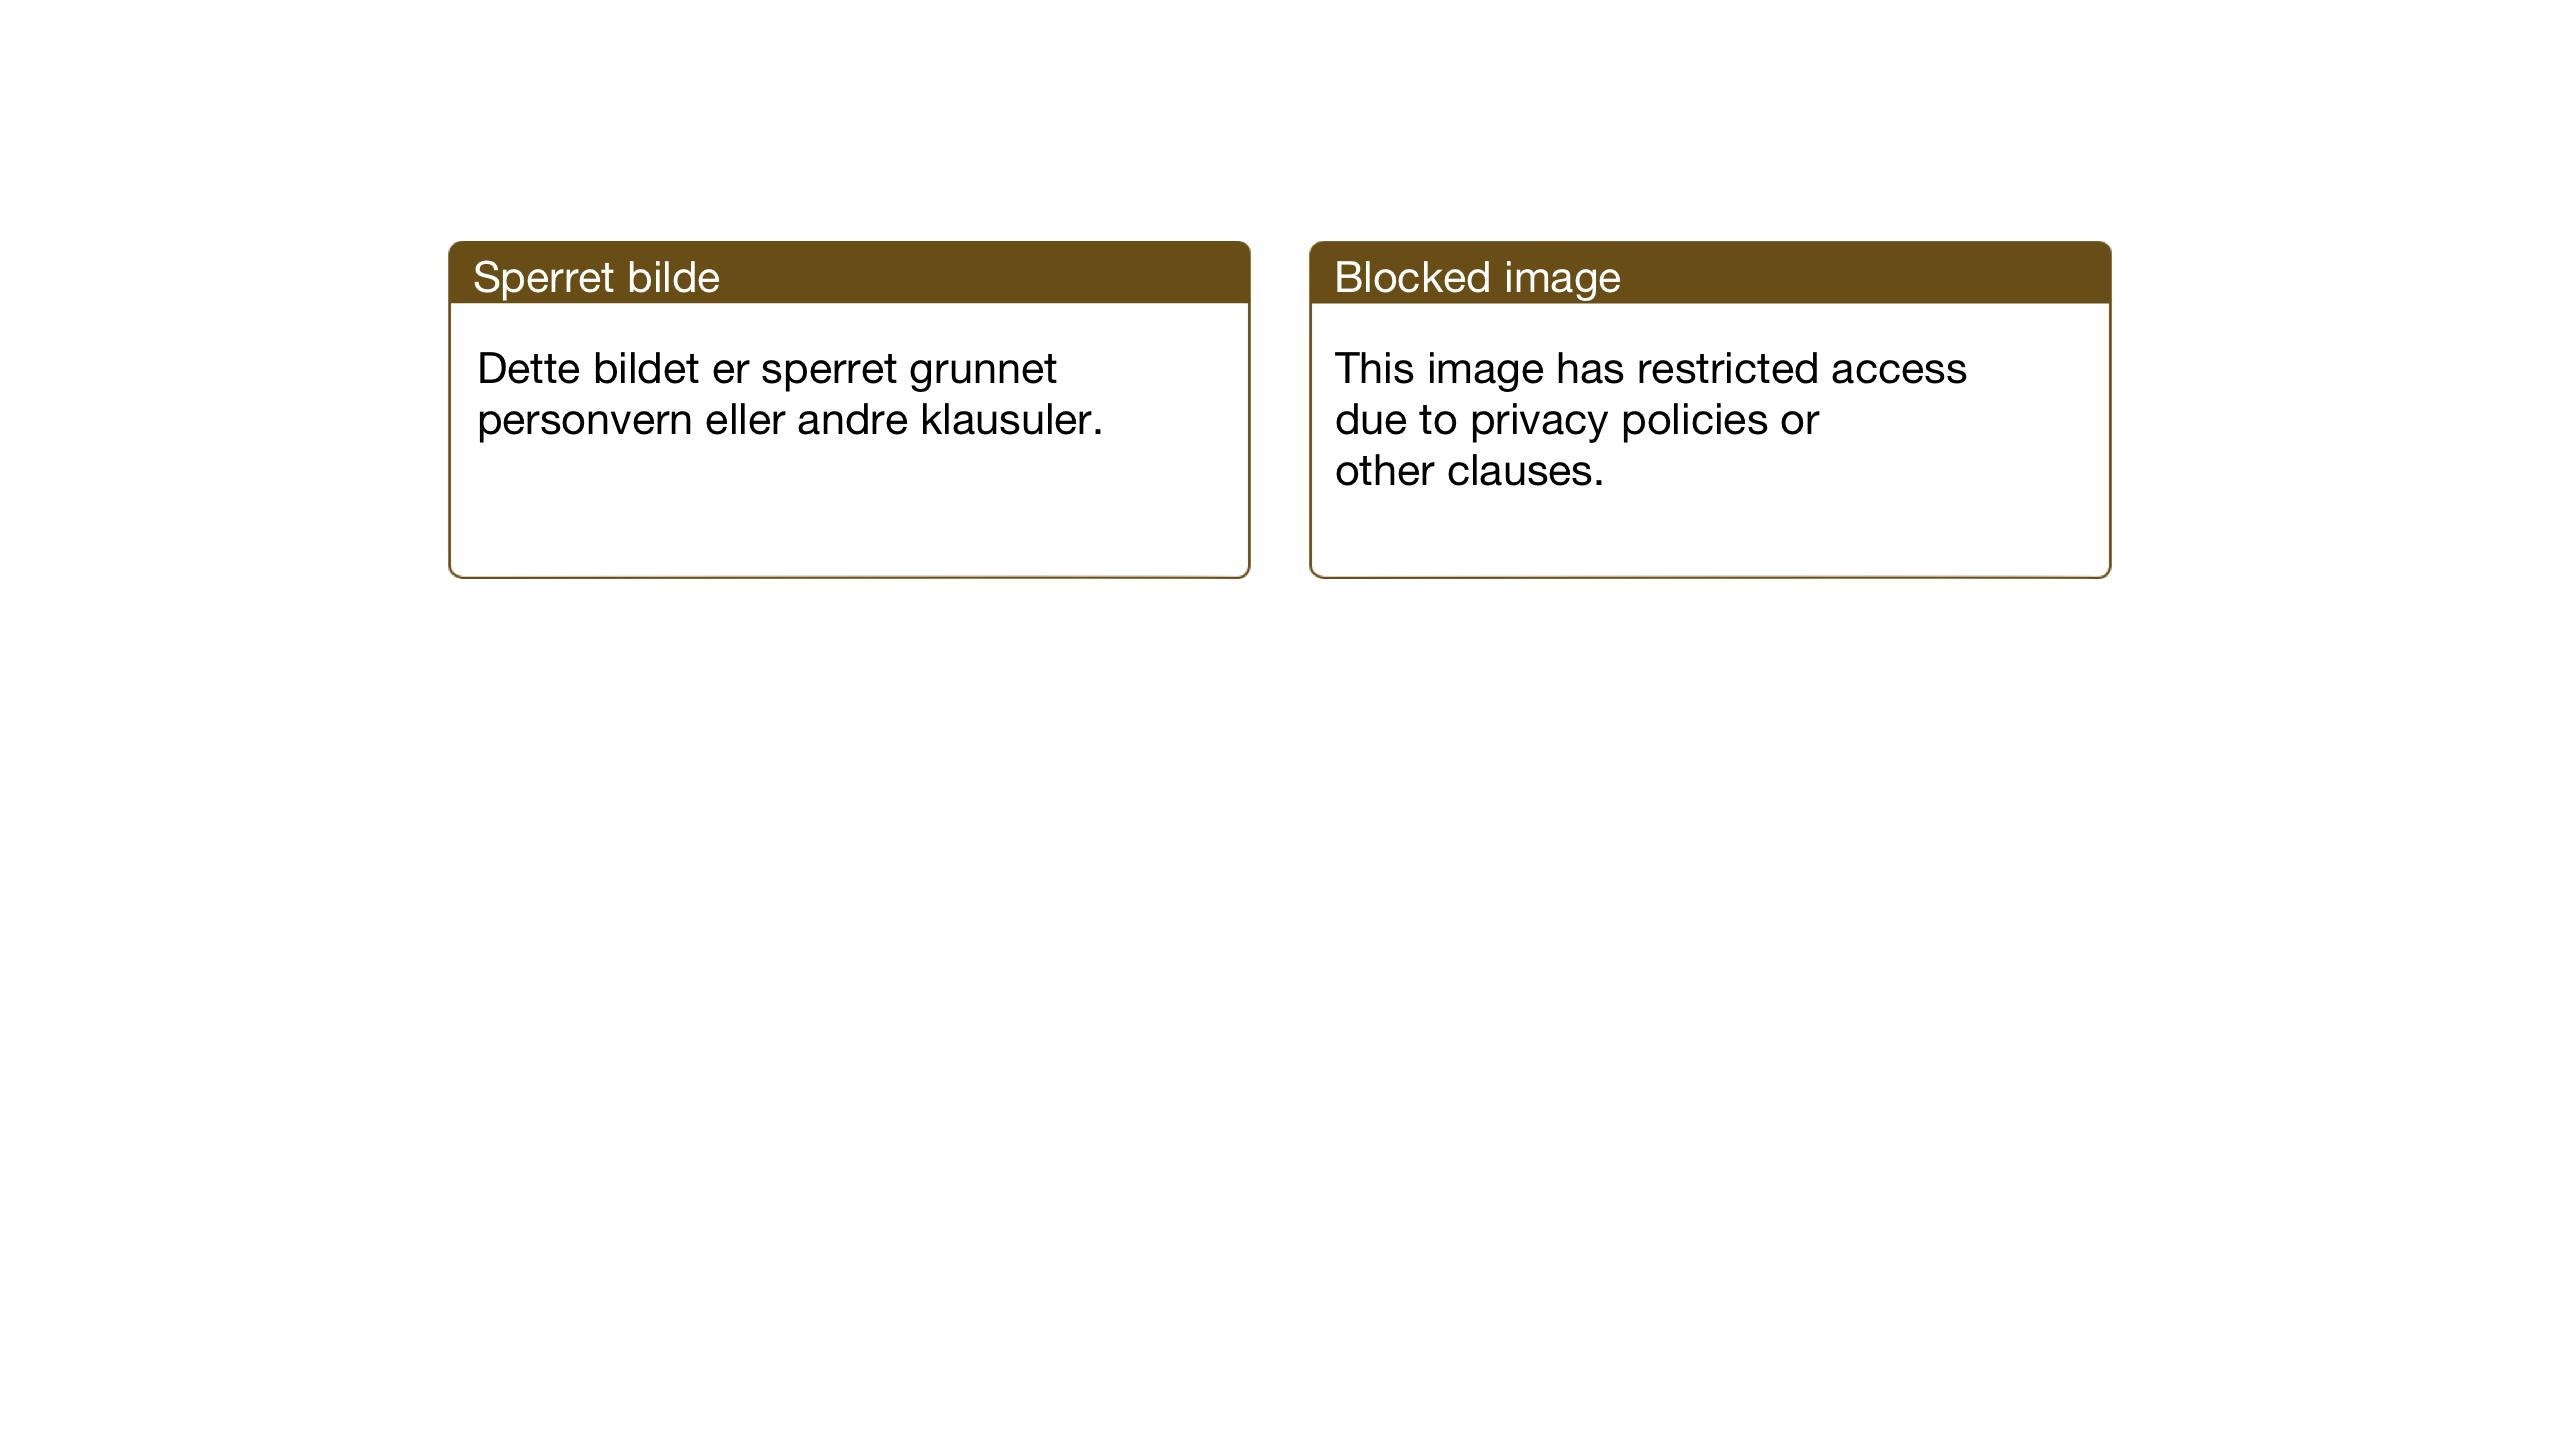 SAT, Ministerialprotokoller, klokkerbøker og fødselsregistre - Sør-Trøndelag, 603/L0177: Klokkerbok nr. 603C05, 1941-1952, s. 206